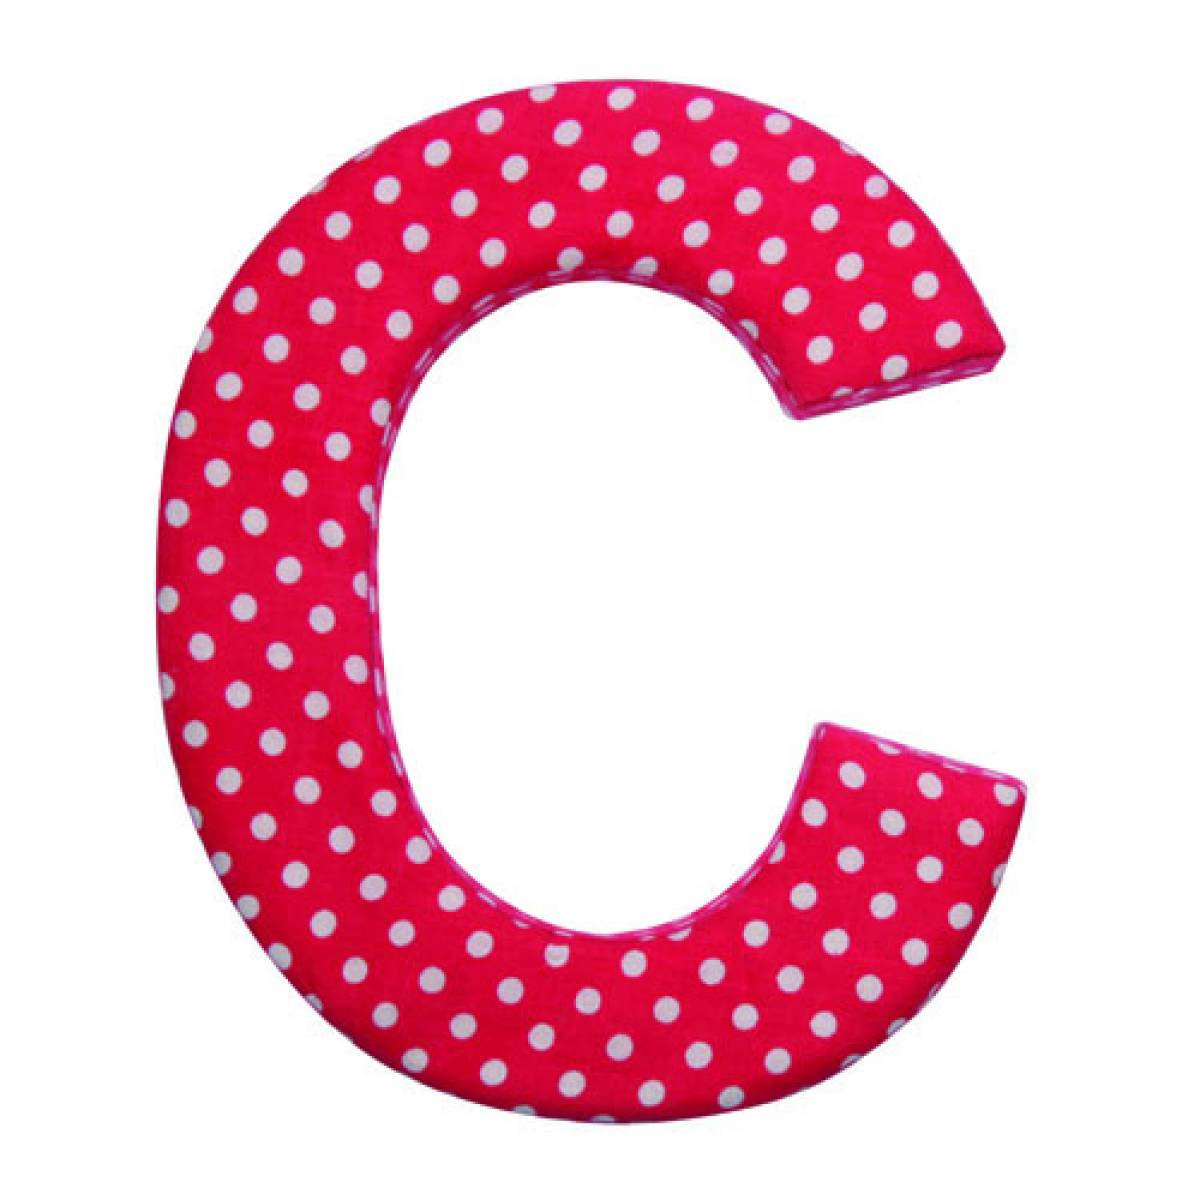 ��� ��� A �� C , ��� a � C �������� �� , ������ ��� ����� 2016 new_1420871888_483.j